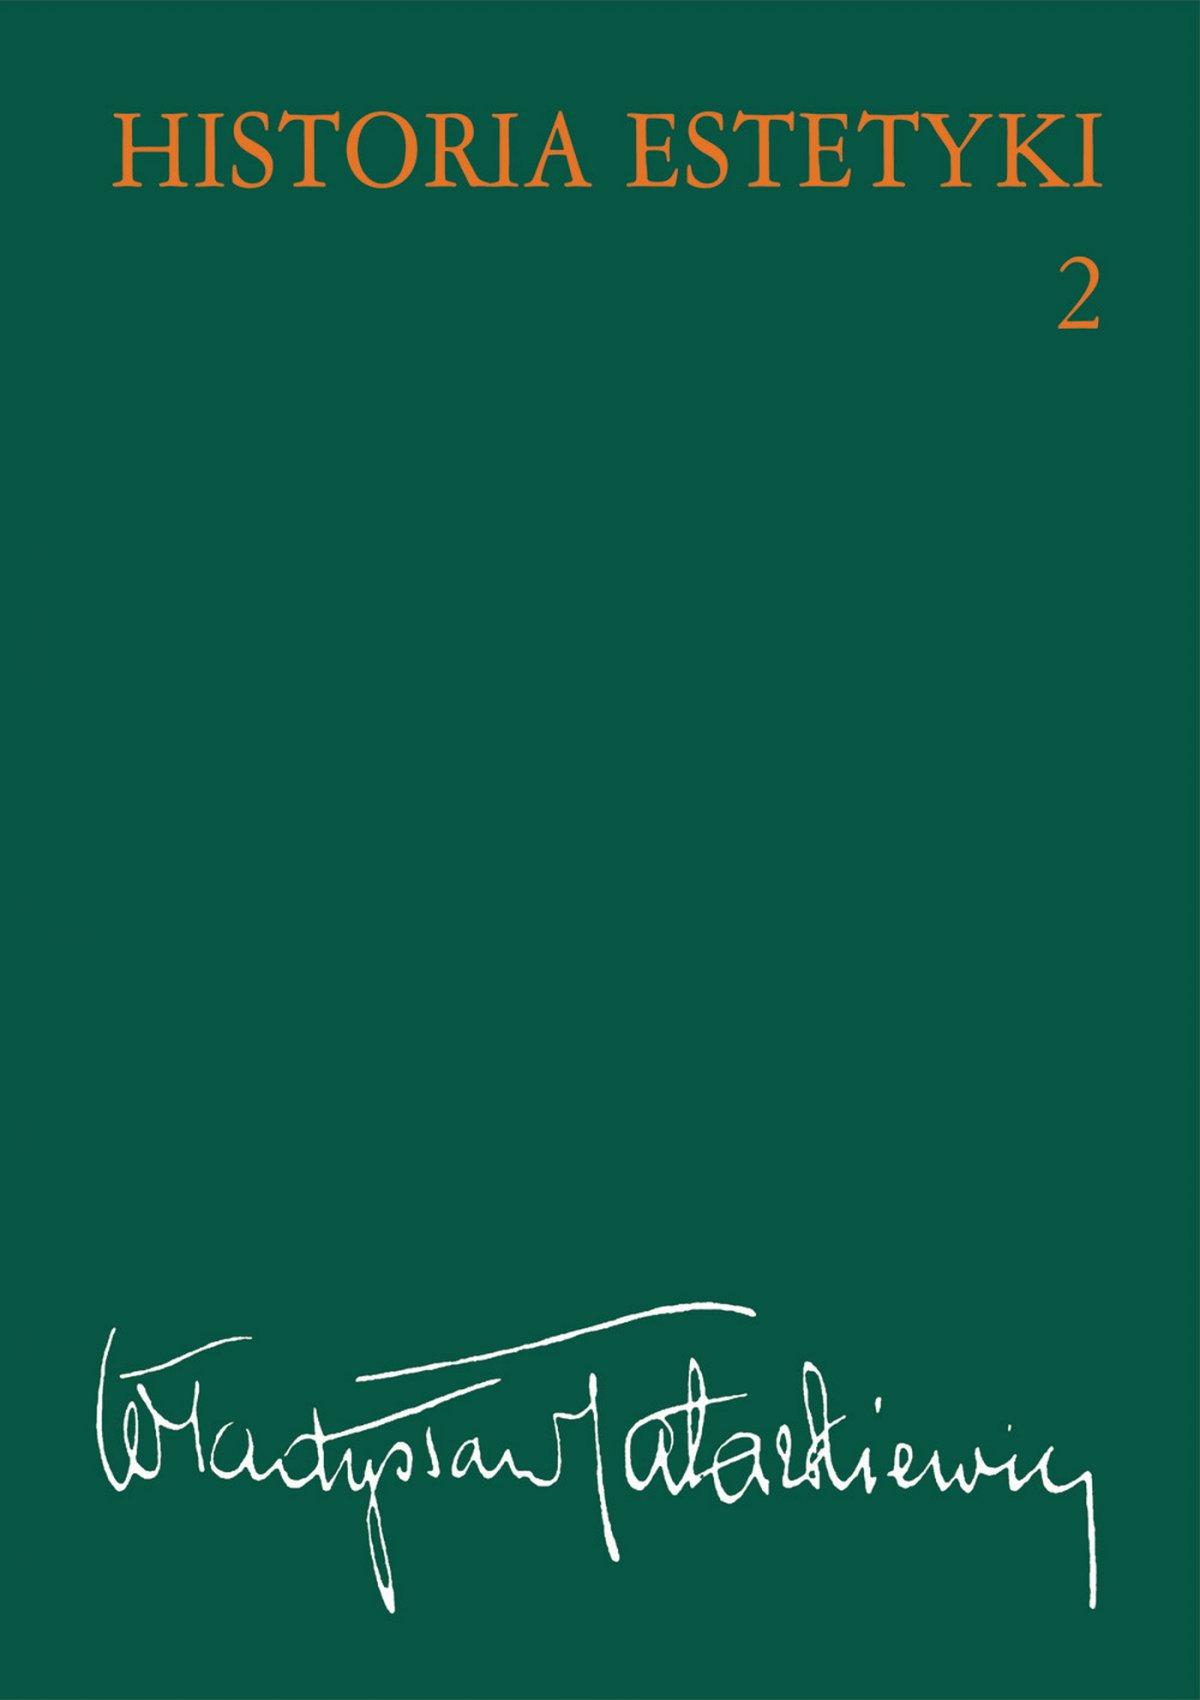 Historia estetyki. Tom 2 - Ebook (Książka EPUB) do pobrania w formacie EPUB